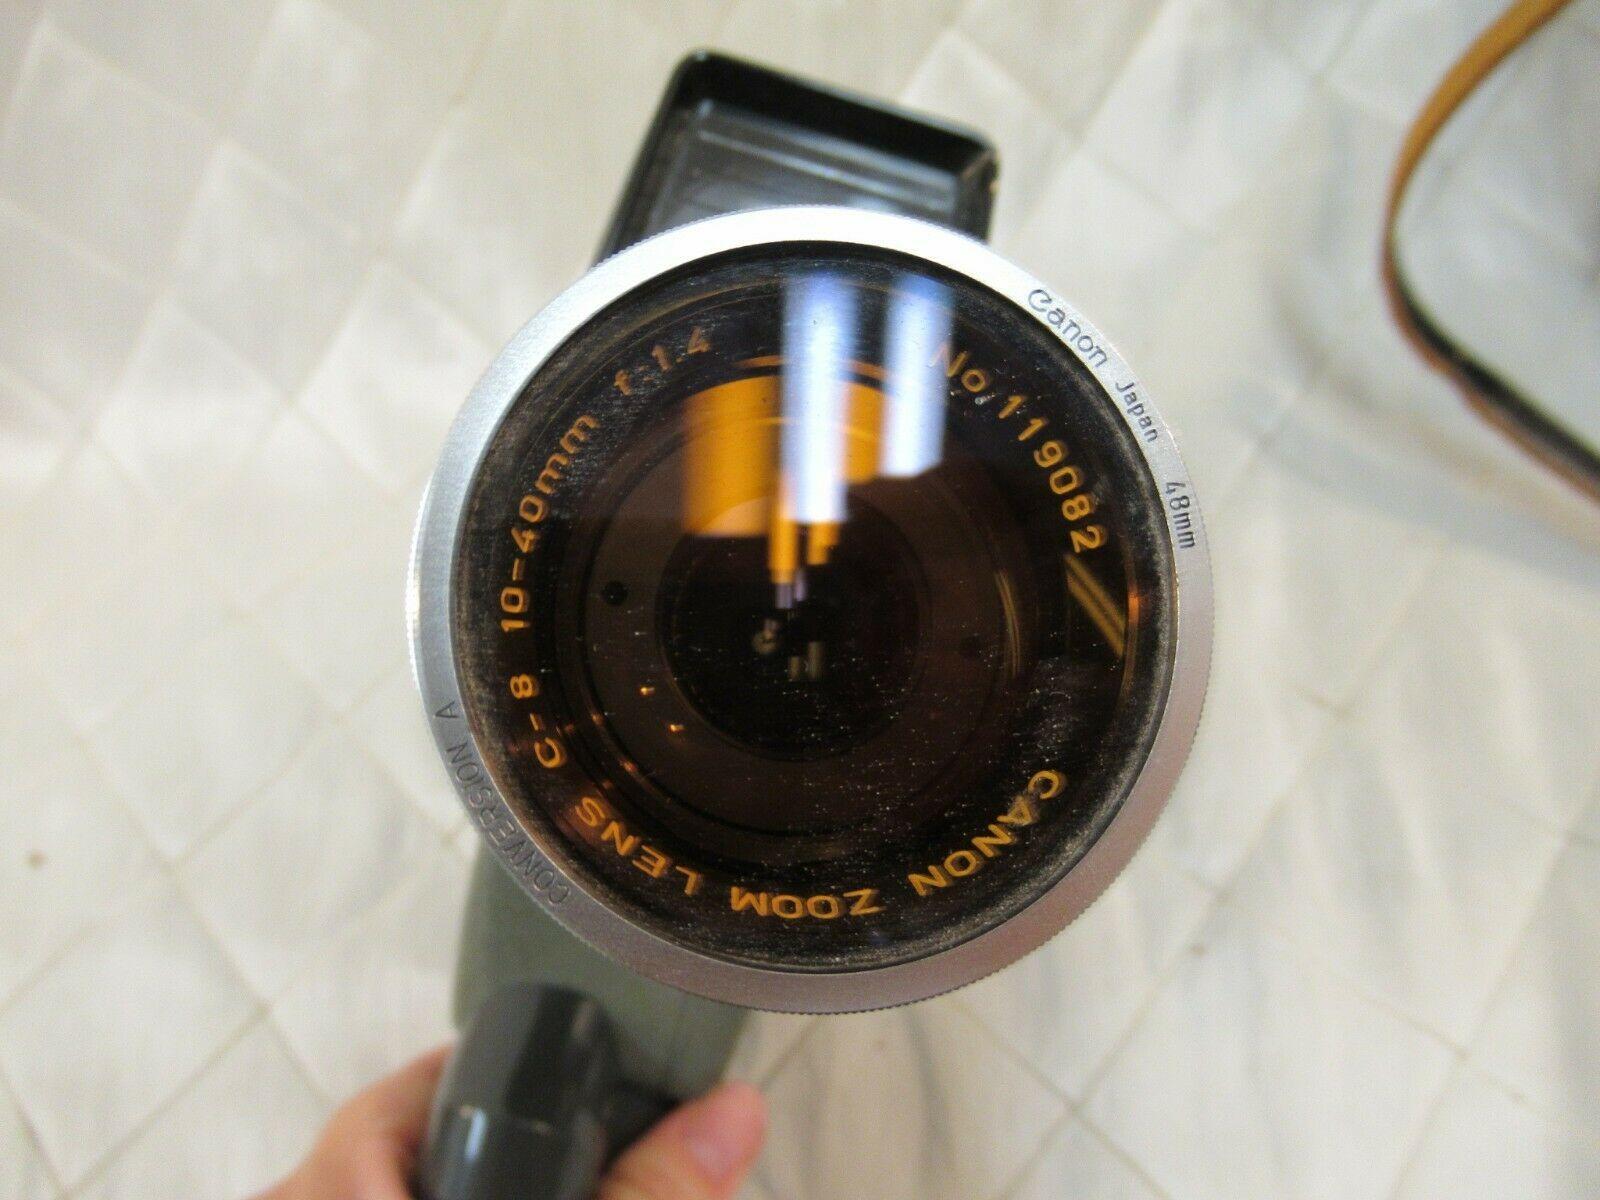 Vintage Canon Reflex Zoom 8-2 Super 8 Film Video Camera w Leather Case Manual